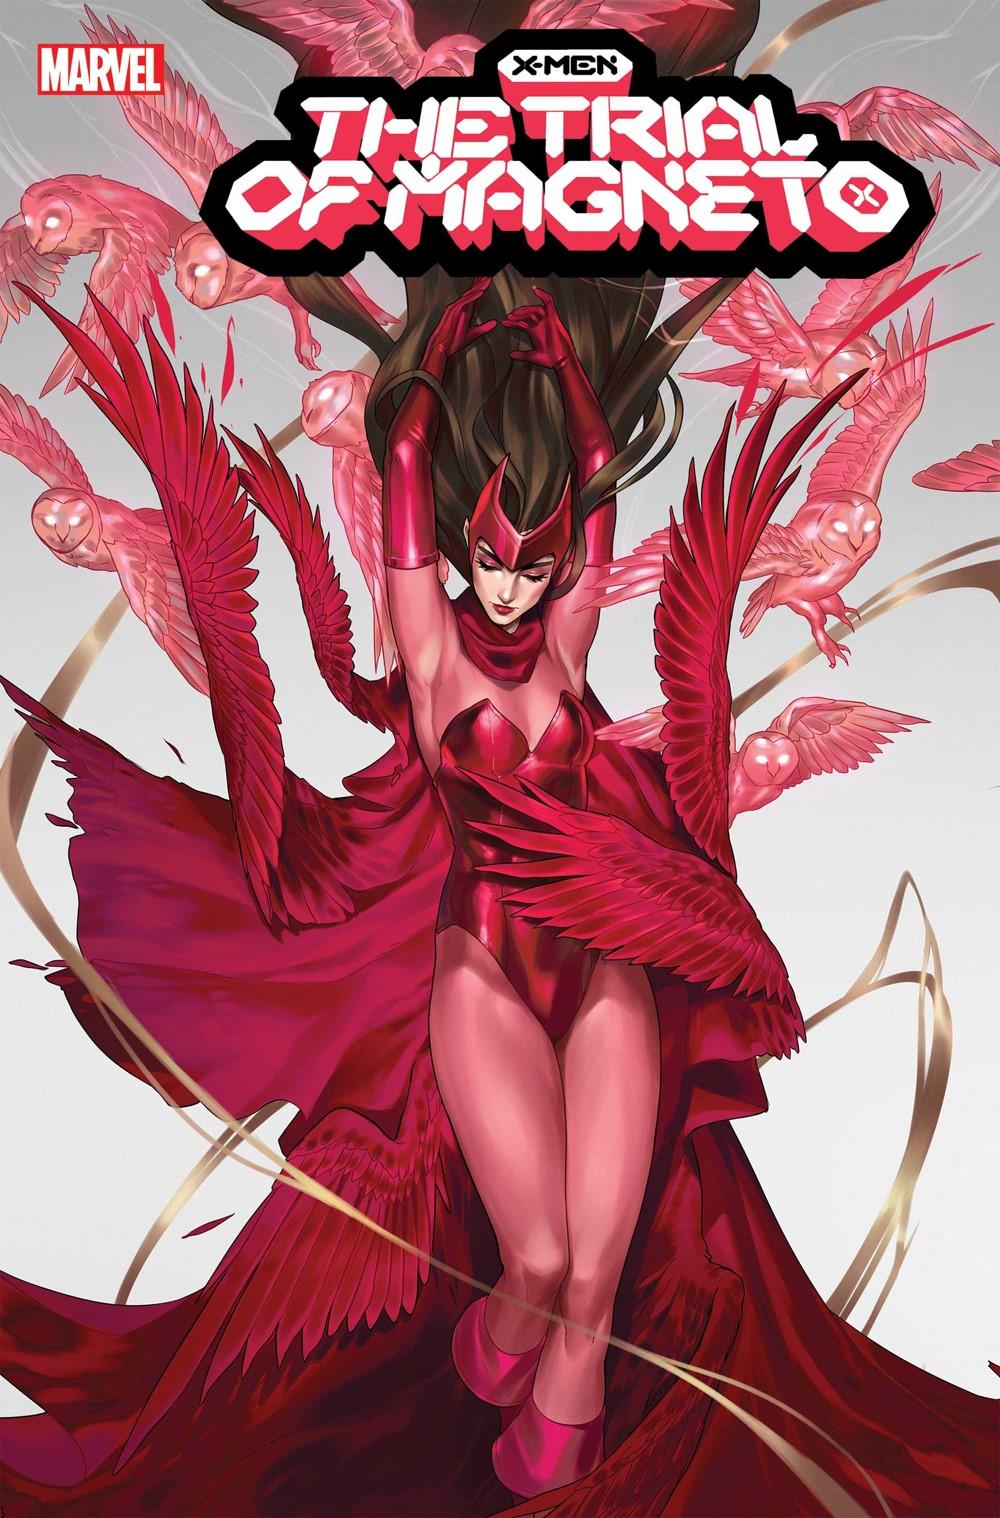 XMENTRIAL2021003_Vega Marvel Comics October 2021 Solicitations